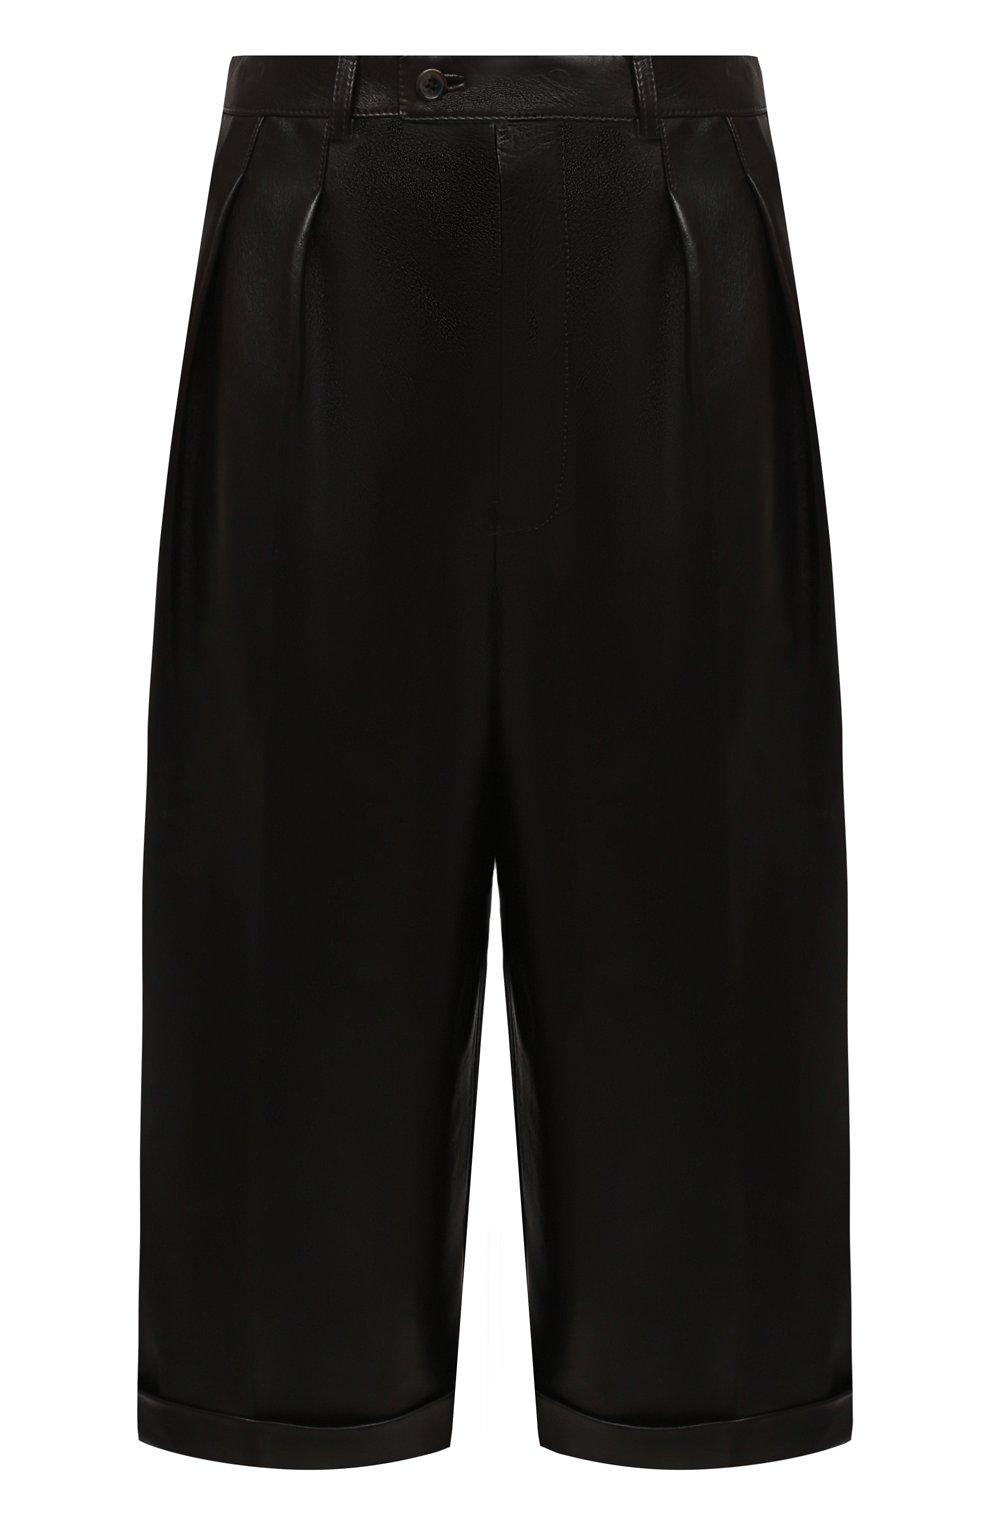 Женские кожаные шорты SAINT LAURENT темно-коричневого цвета, арт. 636127/Y50A2 | Фото 1 (Женское Кросс-КТ: Шорты-одежда; Стили: Гламурный; Кросс-КТ: Широкие; Длина Ж (юбки, платья, шорты): До колена; Материал подклада: Купро)